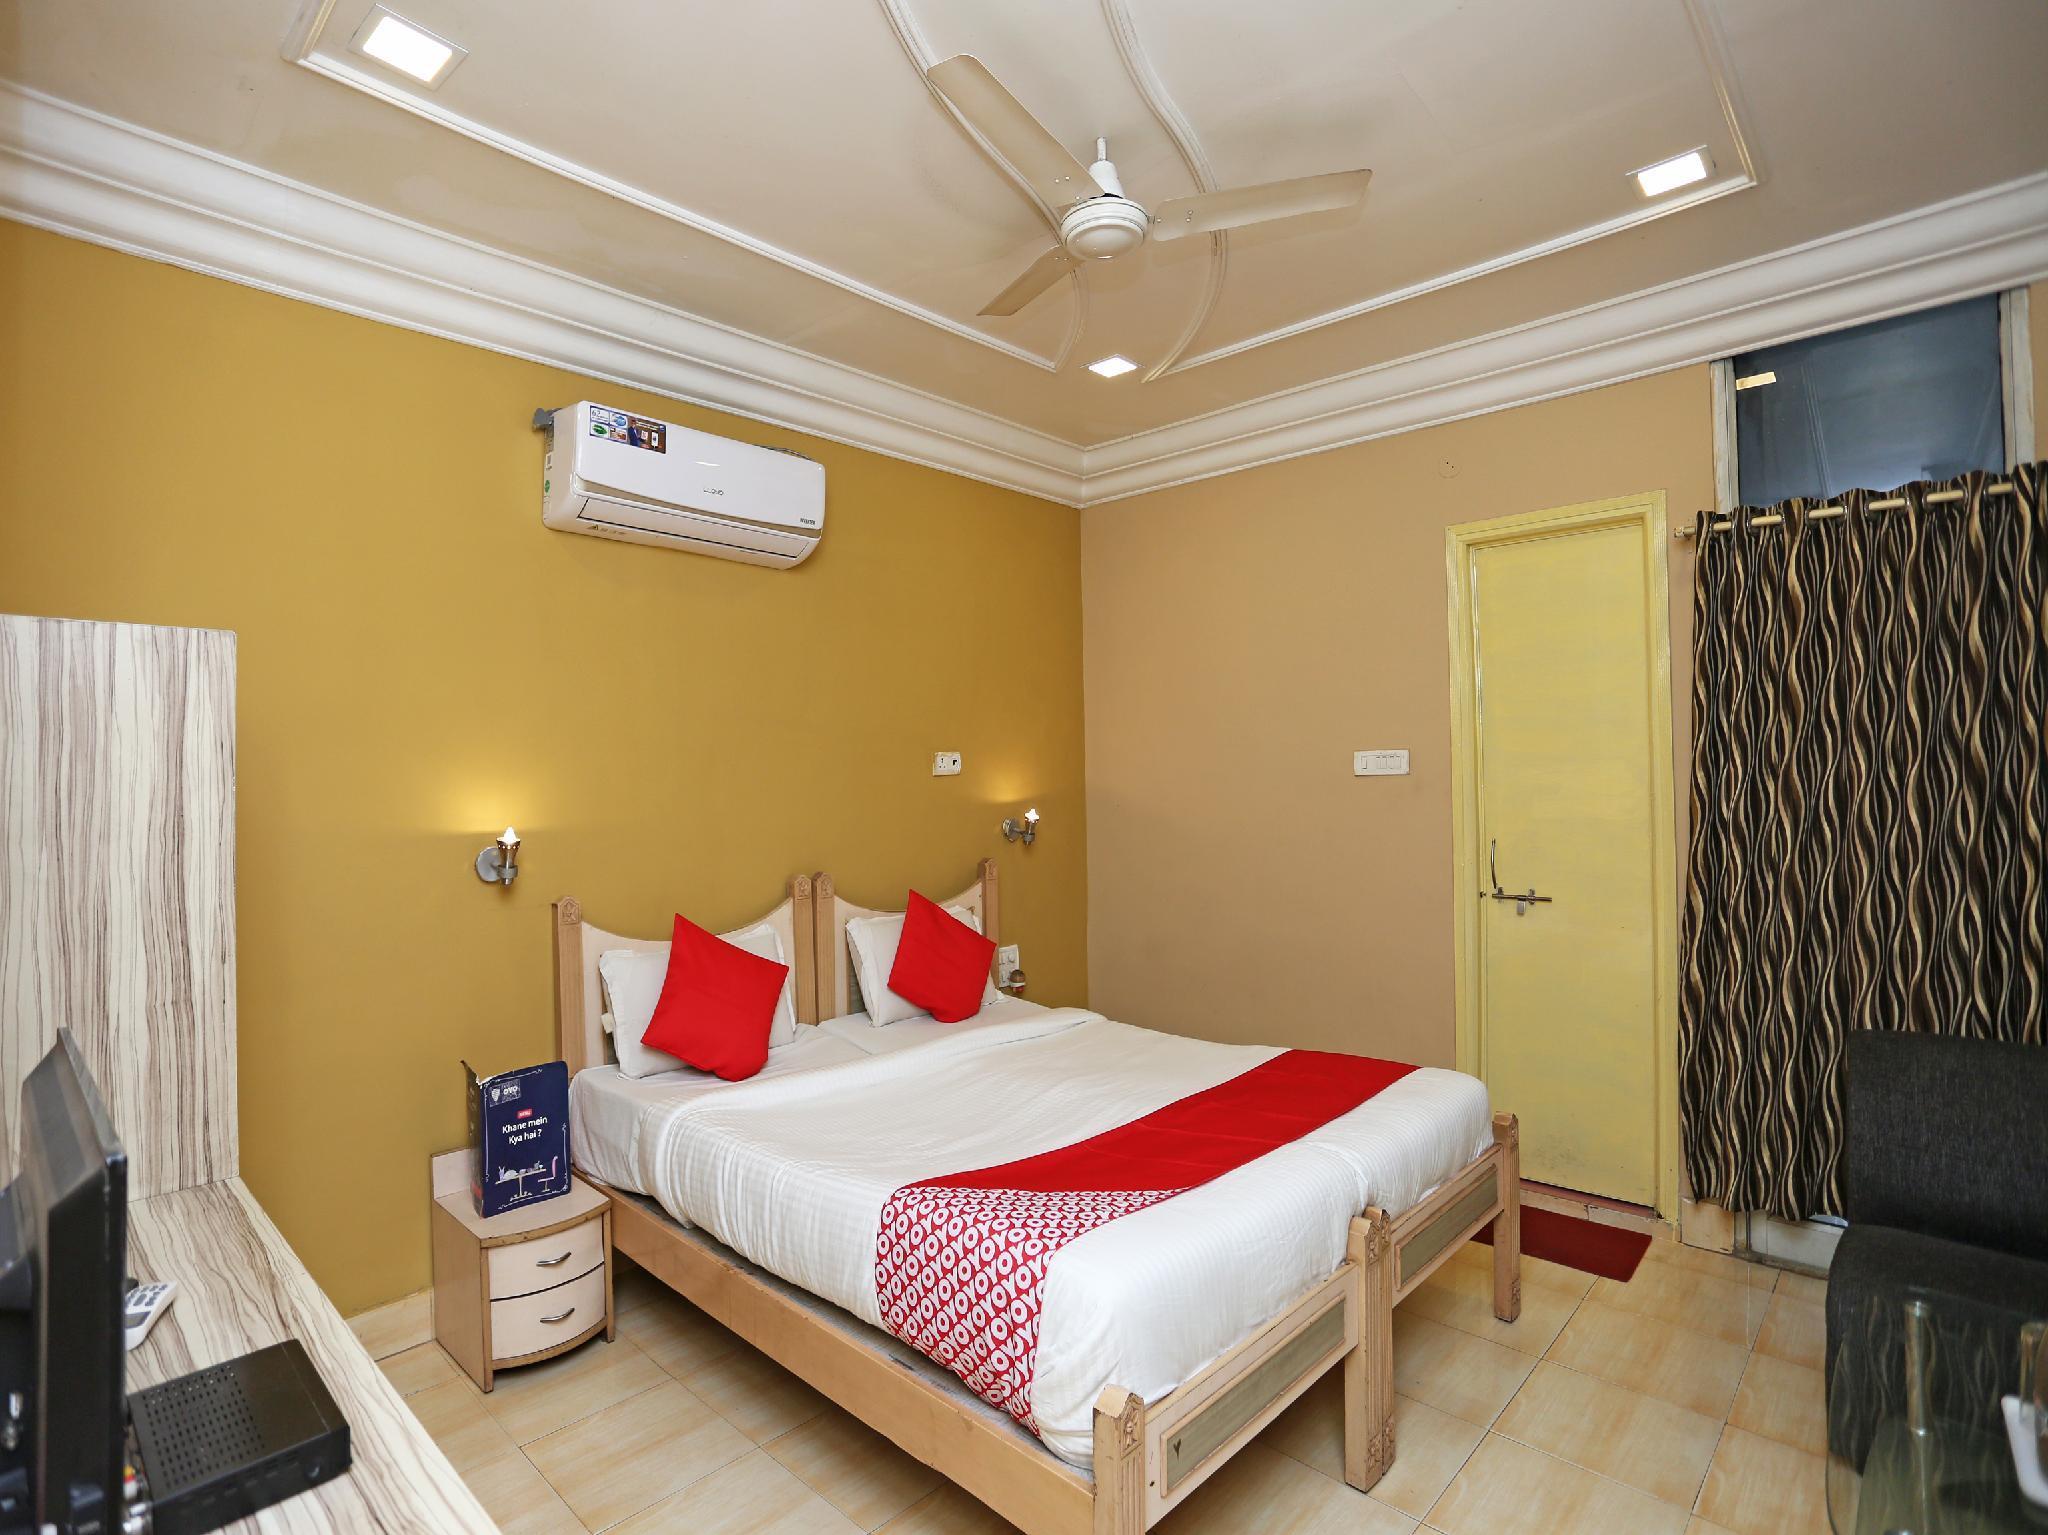 OYO 24860 Hotel Shiva International